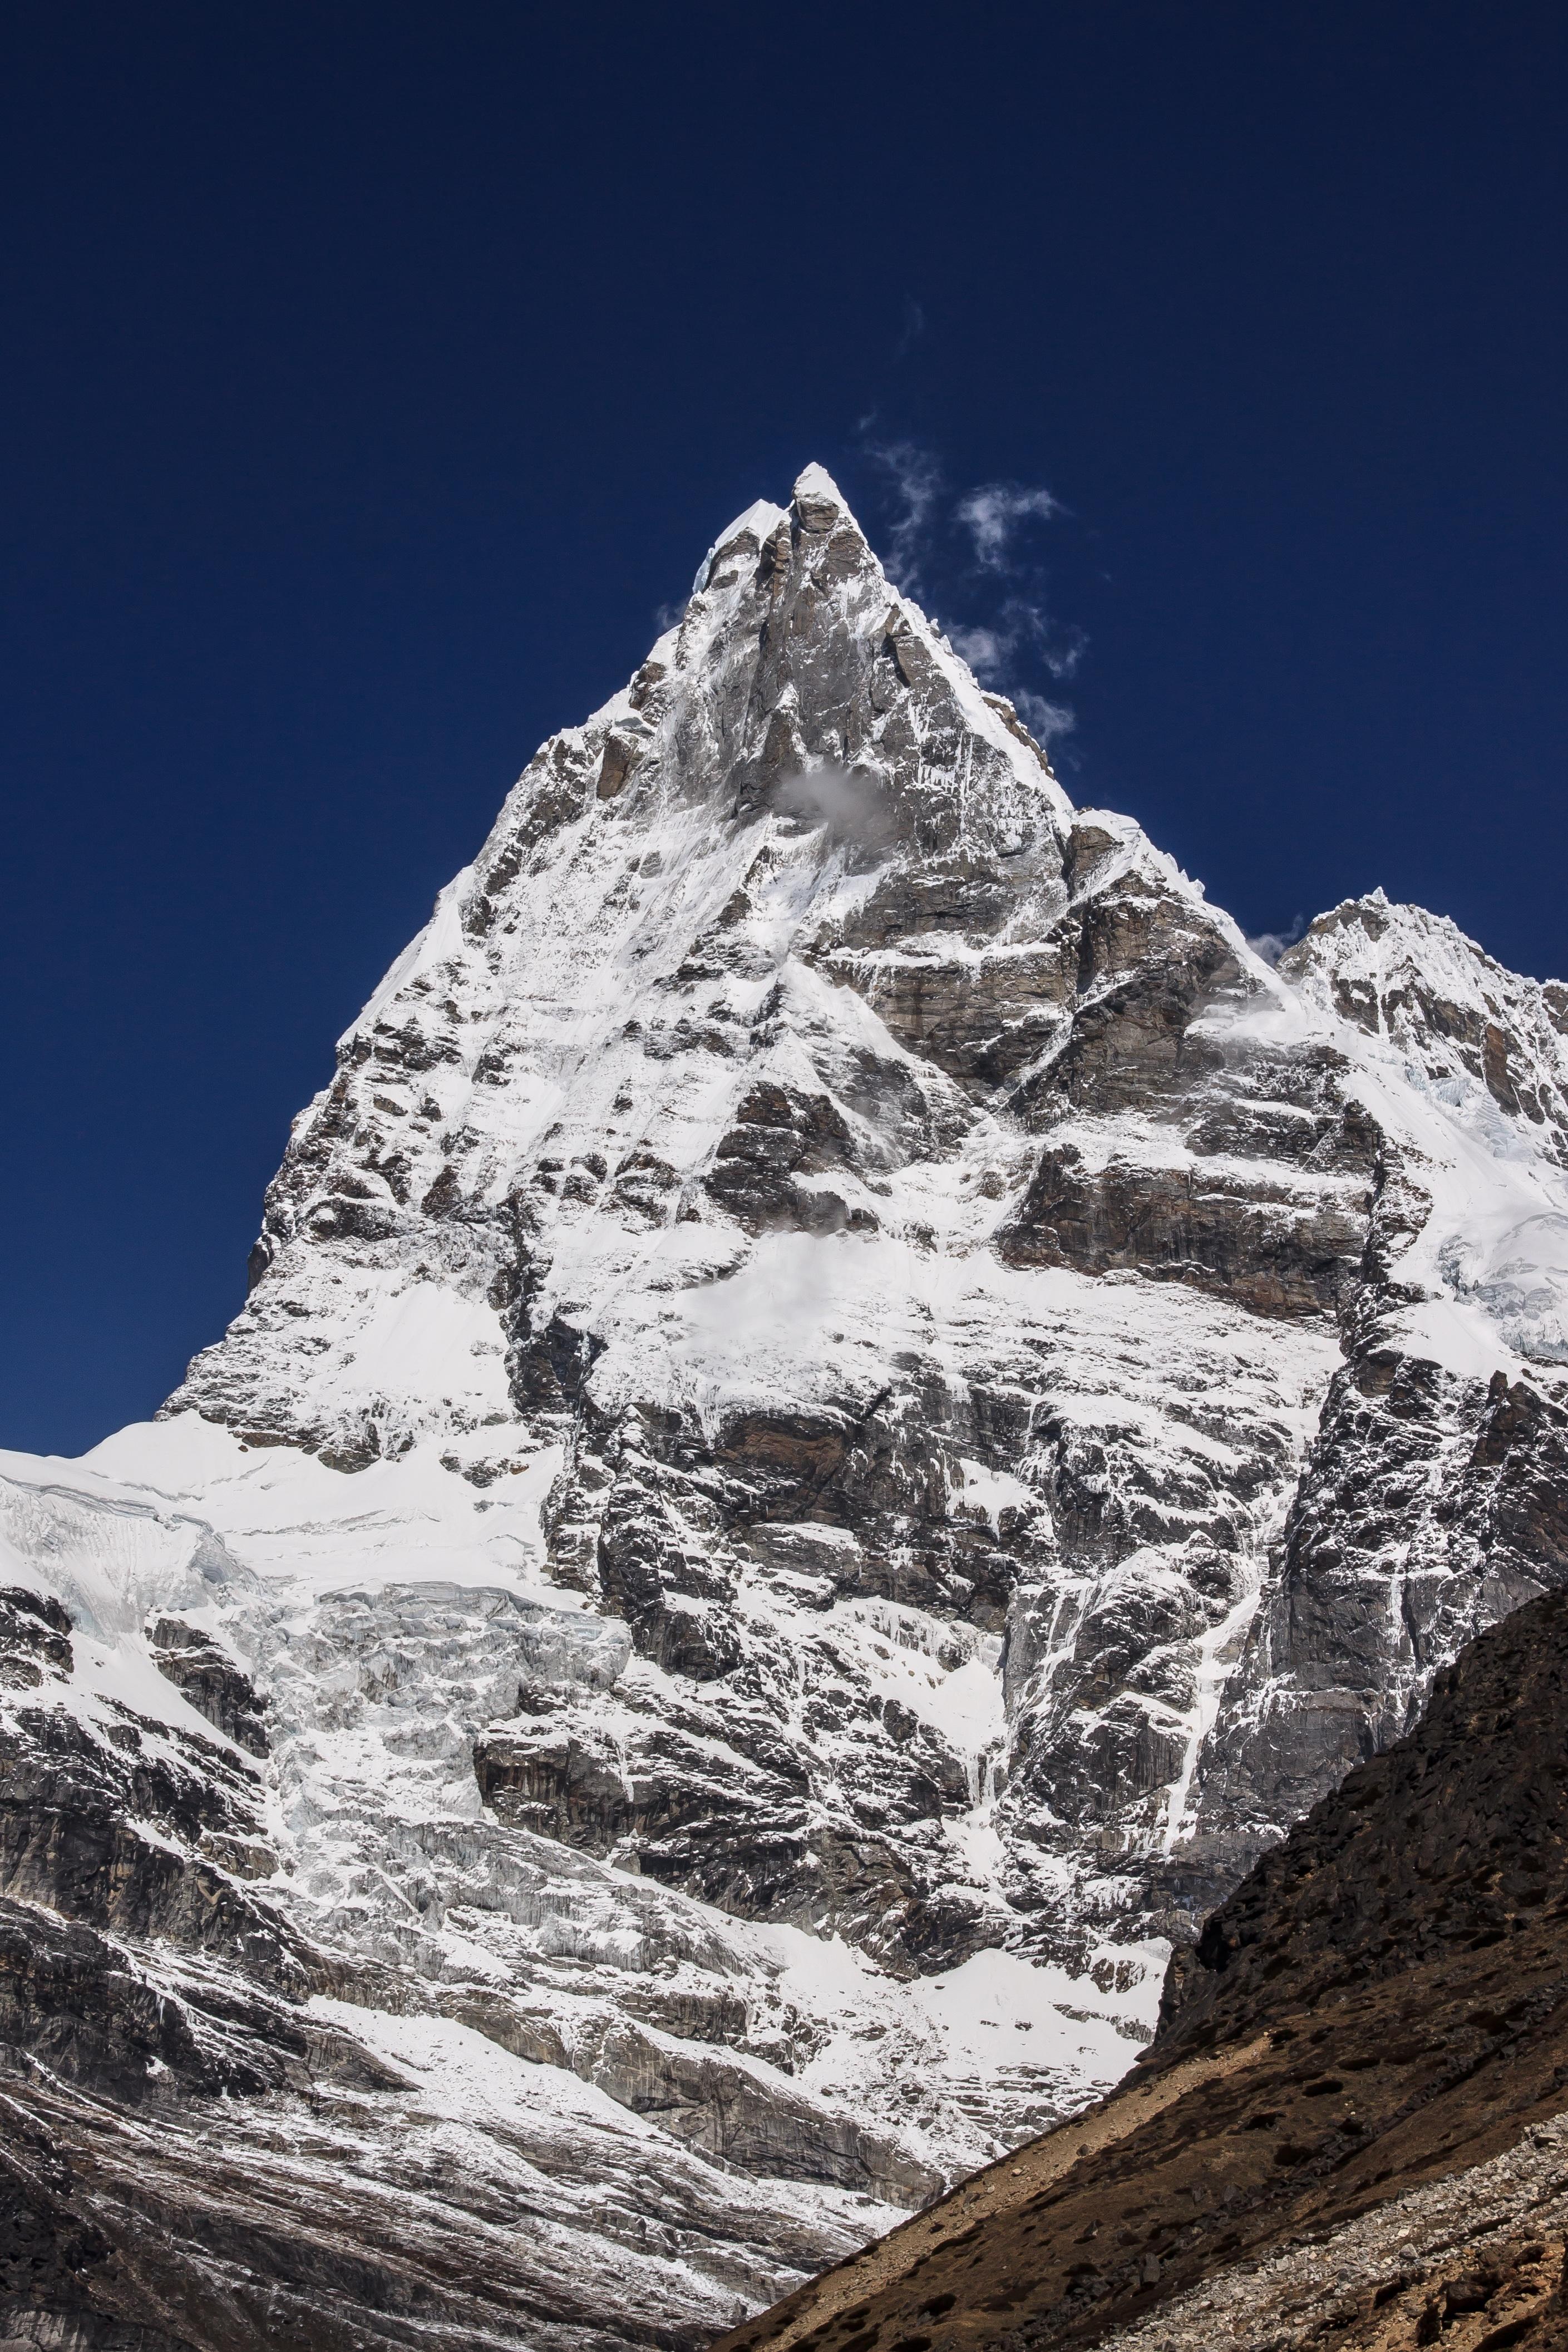 Un-named peak